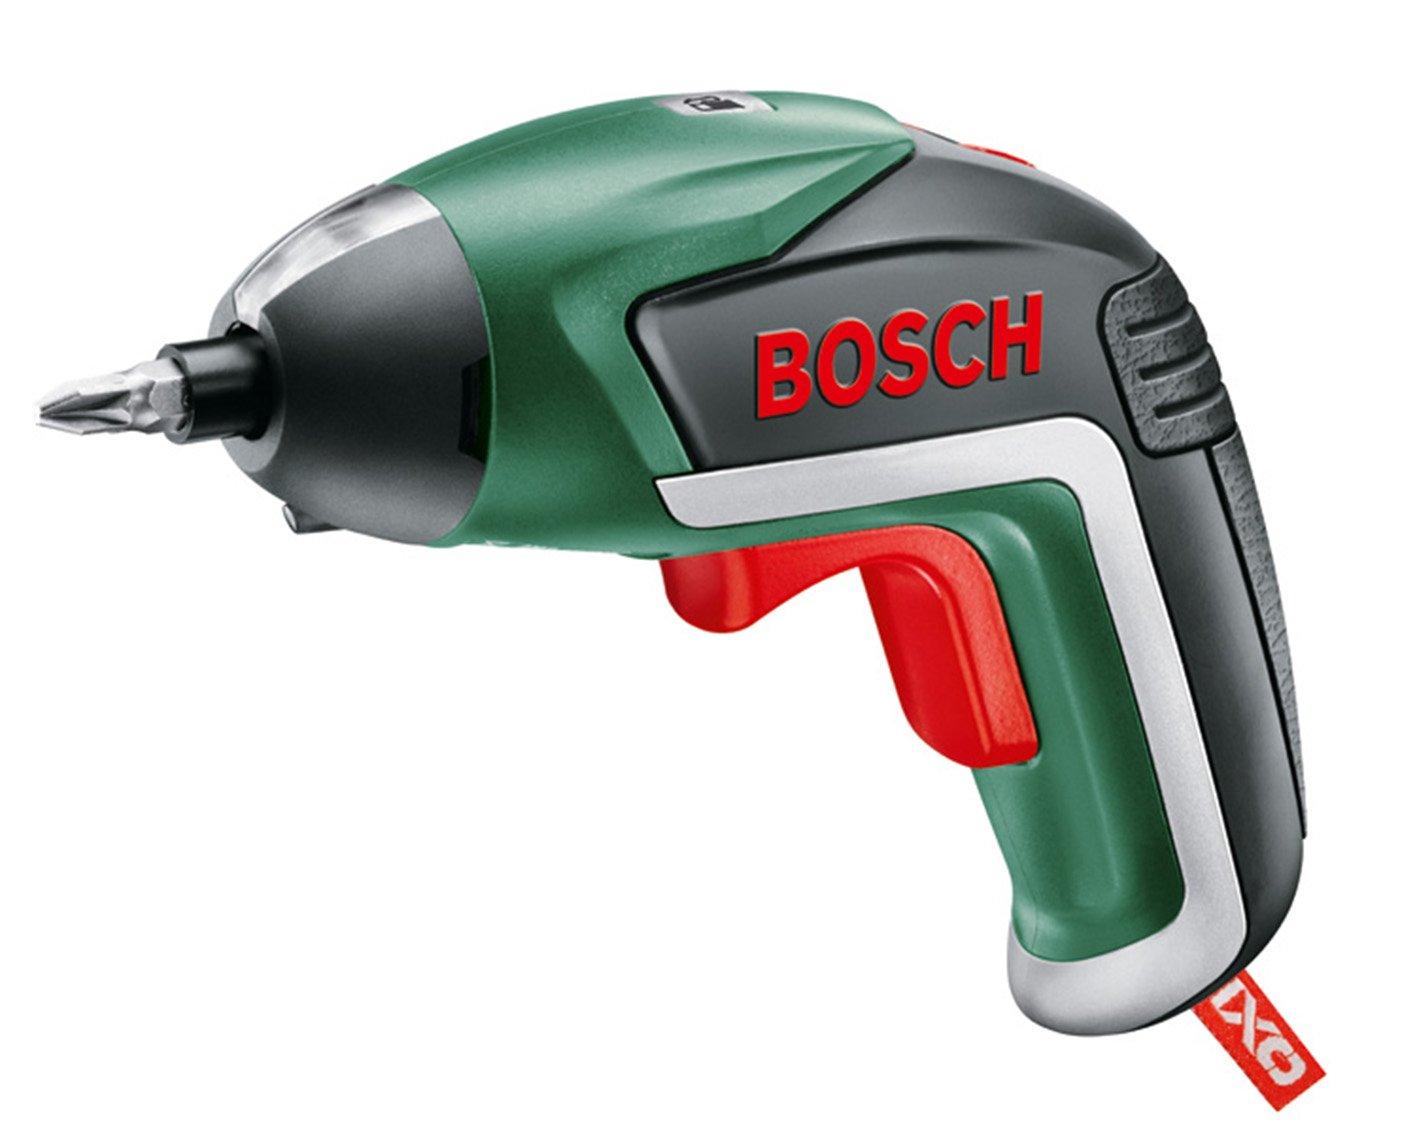 ボッシュ(BOSCH) 電動ドライバー コードレス充電式 IXO5